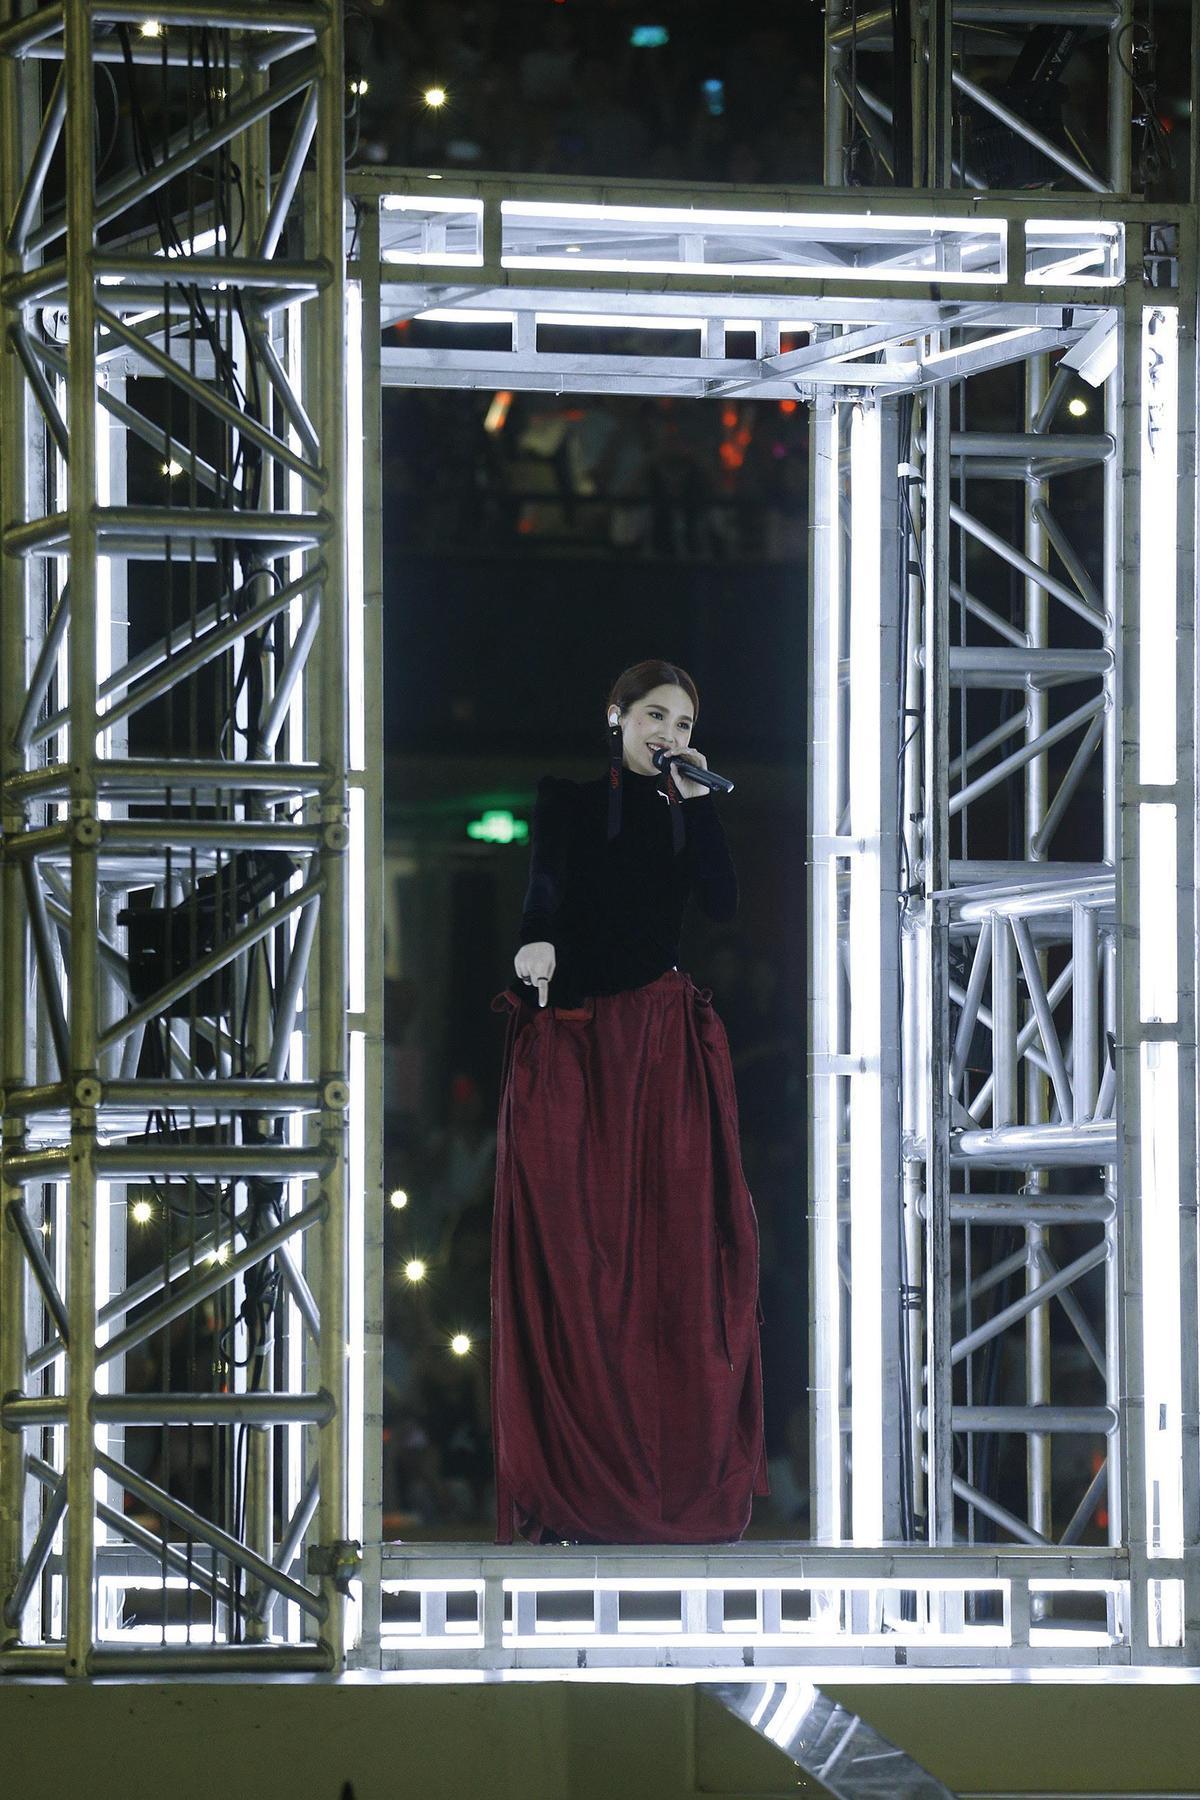 楊丞琳「青春住了誰」世界巡迴演唱會自台灣、香港、廣州、成都,今天來到第七場¬北京站,在凱迪拉克中心開唱。(台灣太陽娛樂有限公司提供)